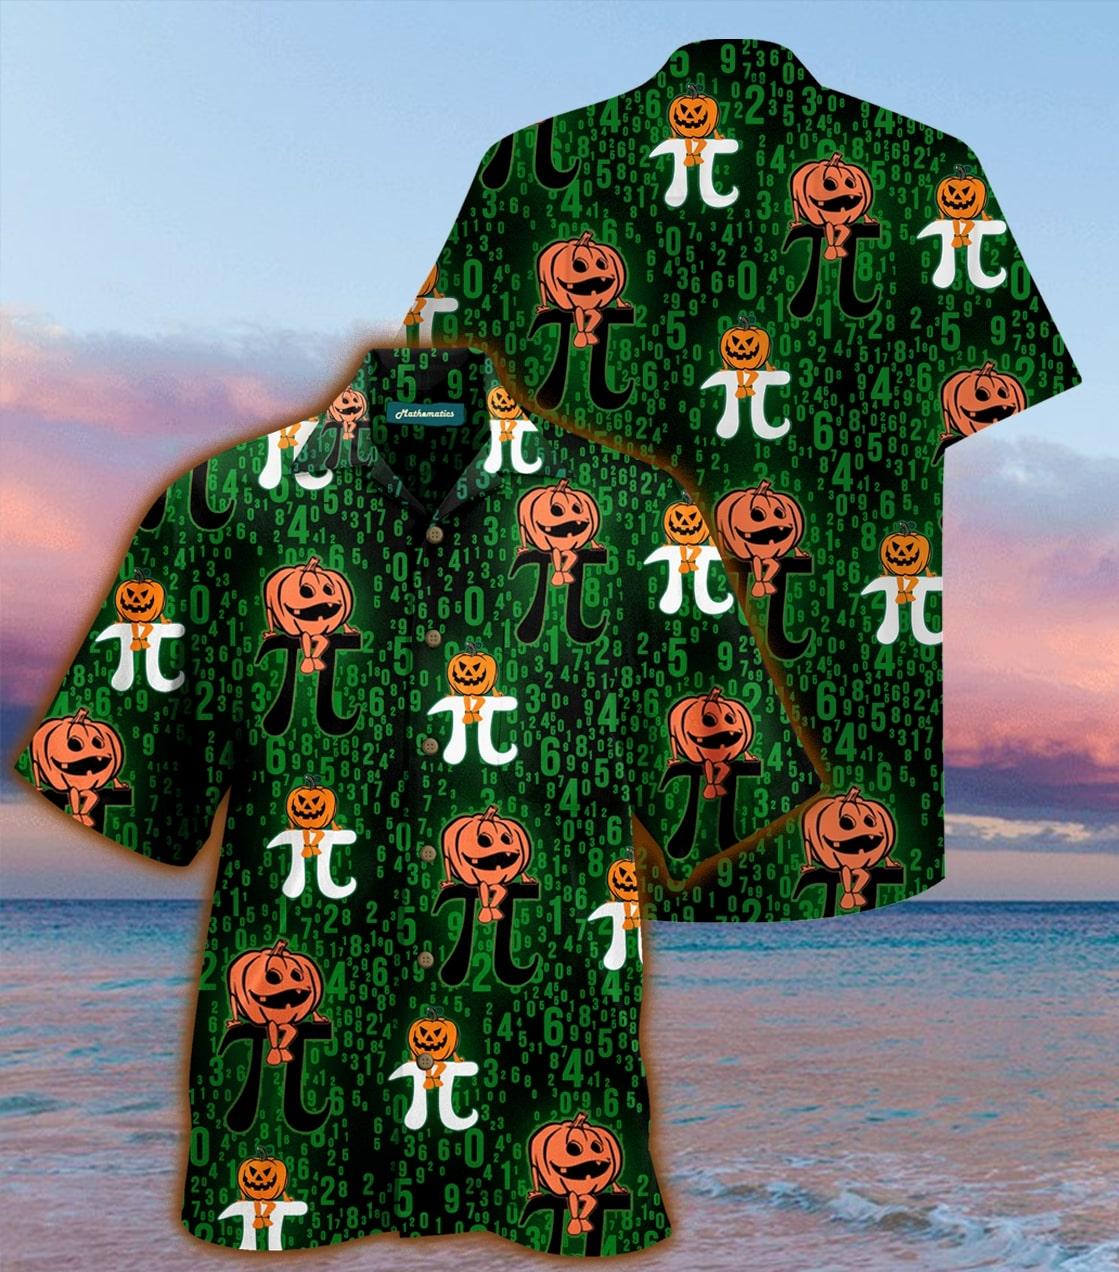 [special edition] halloween pumpkin pi hawaiian shirt - Maria